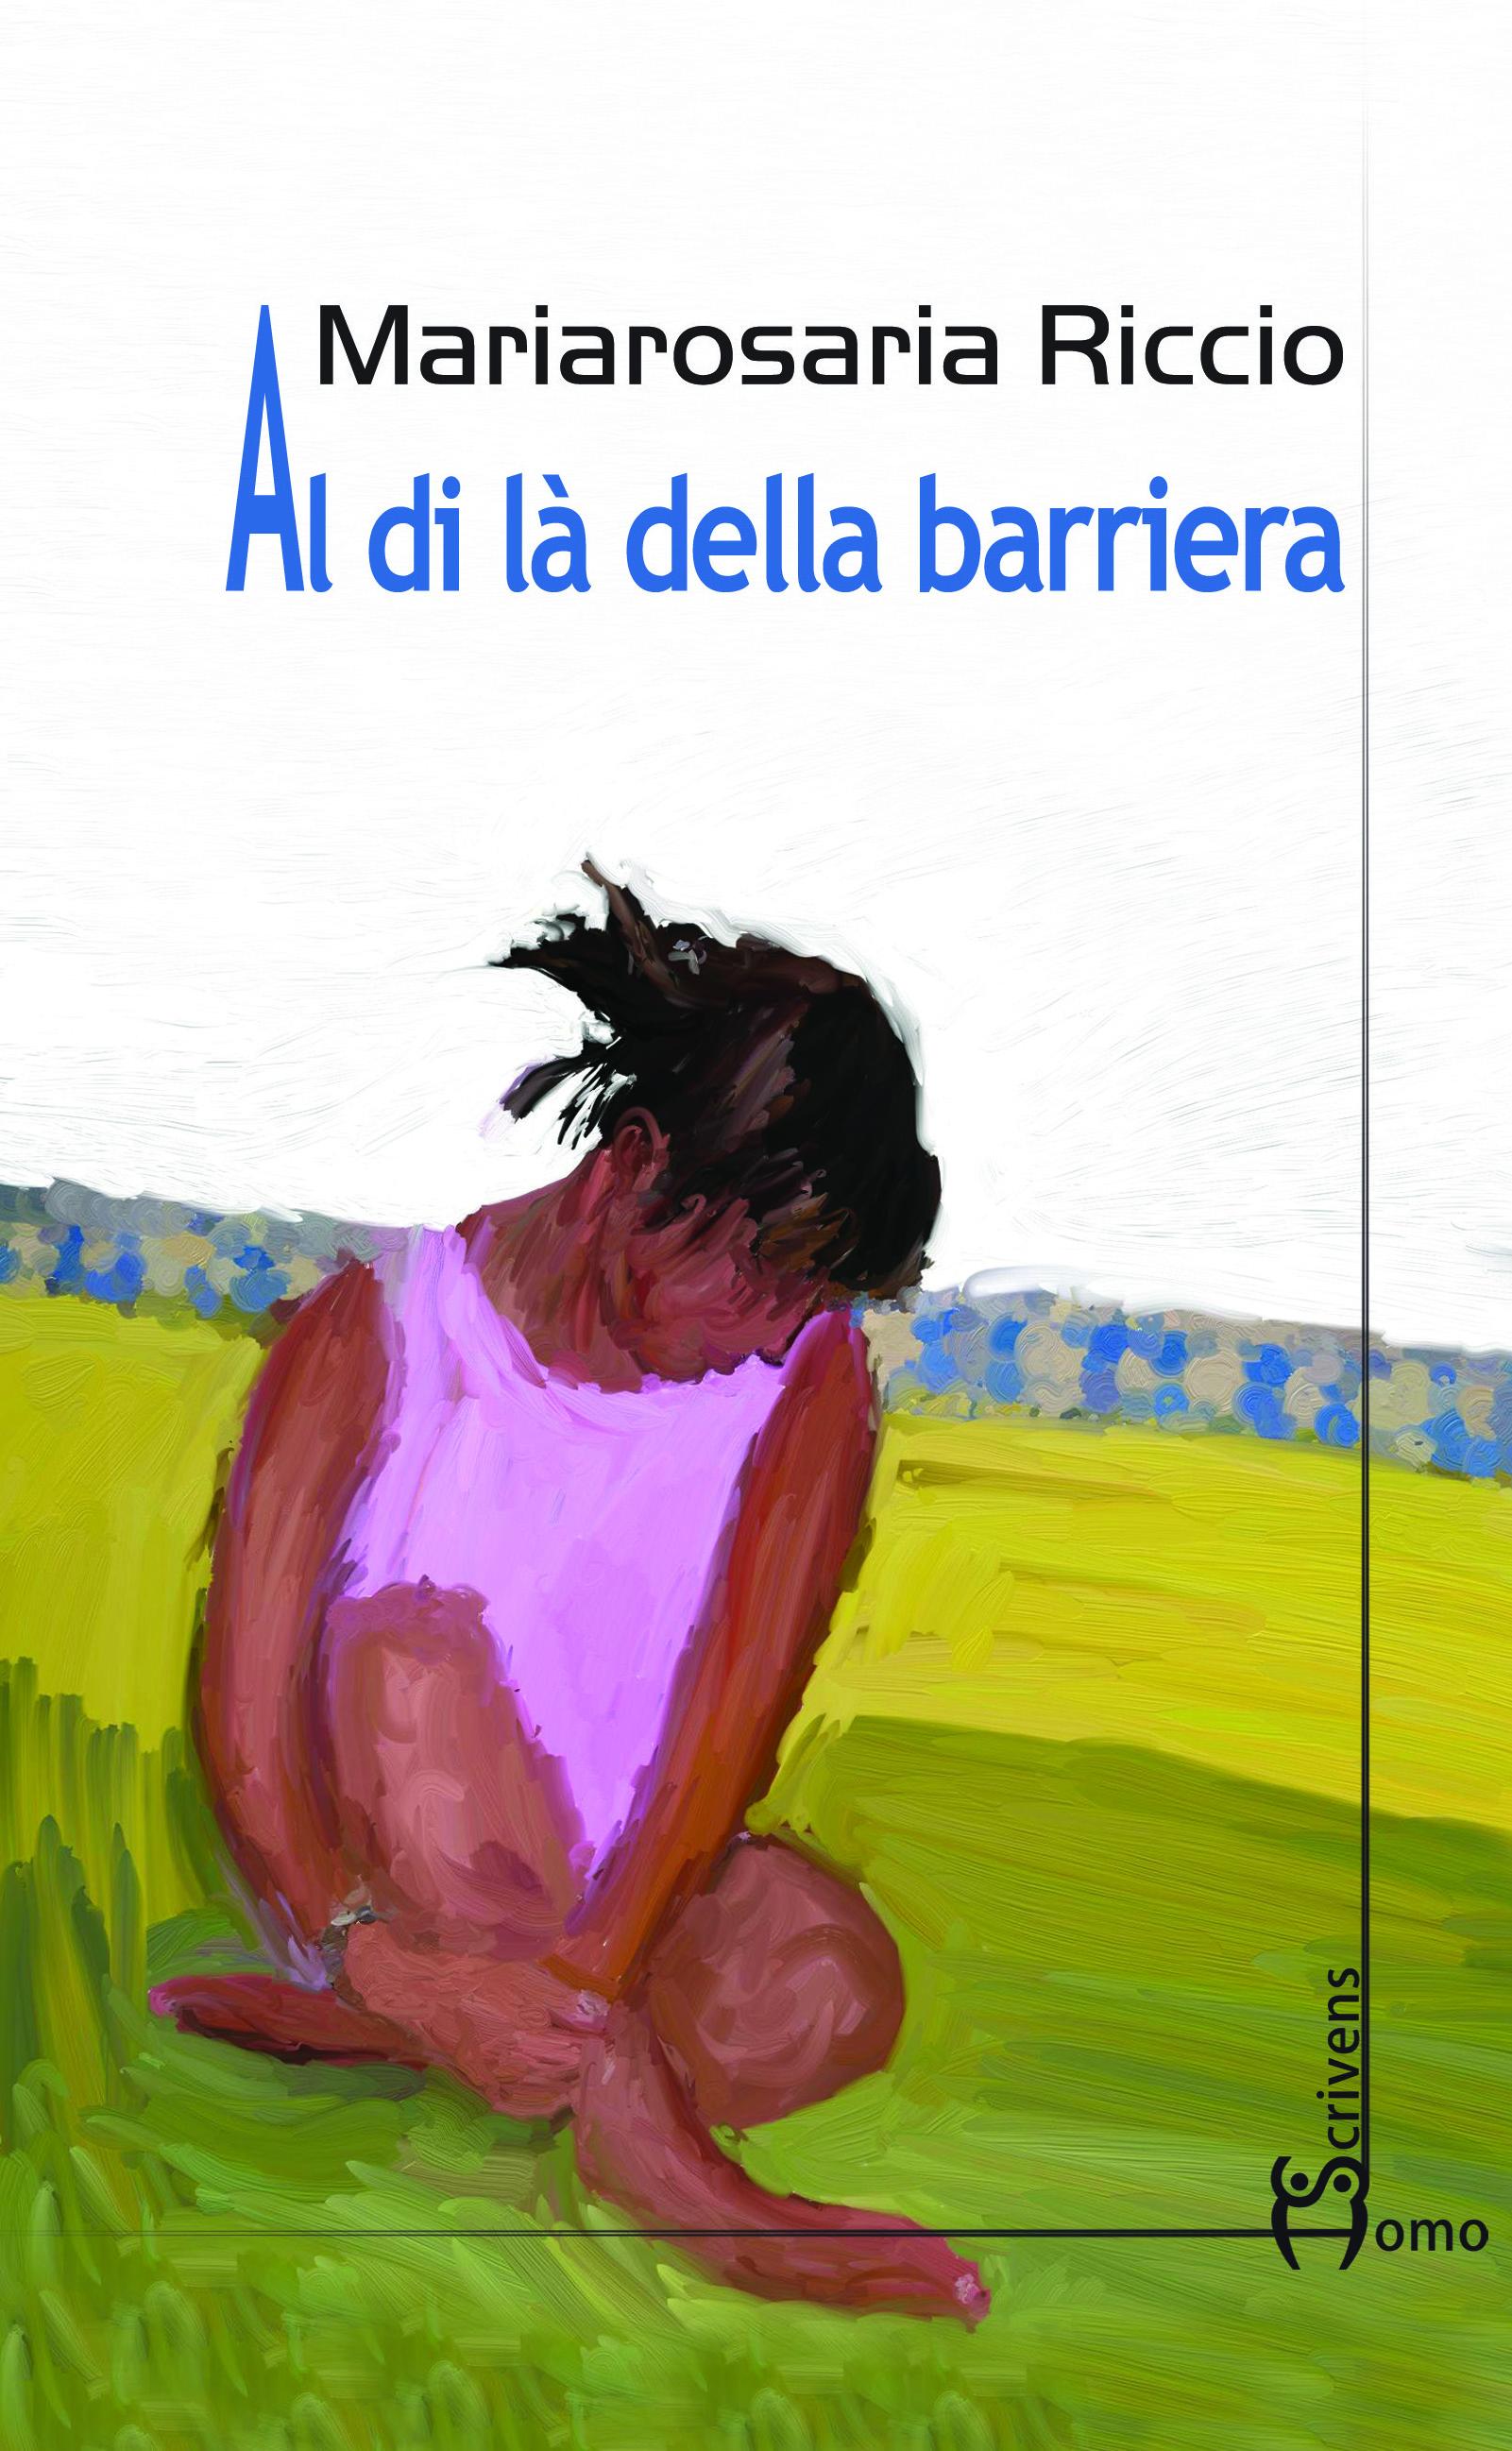 """Napoli, """"Al di là della barriera"""": martedì la presentazione al San Carluccio"""